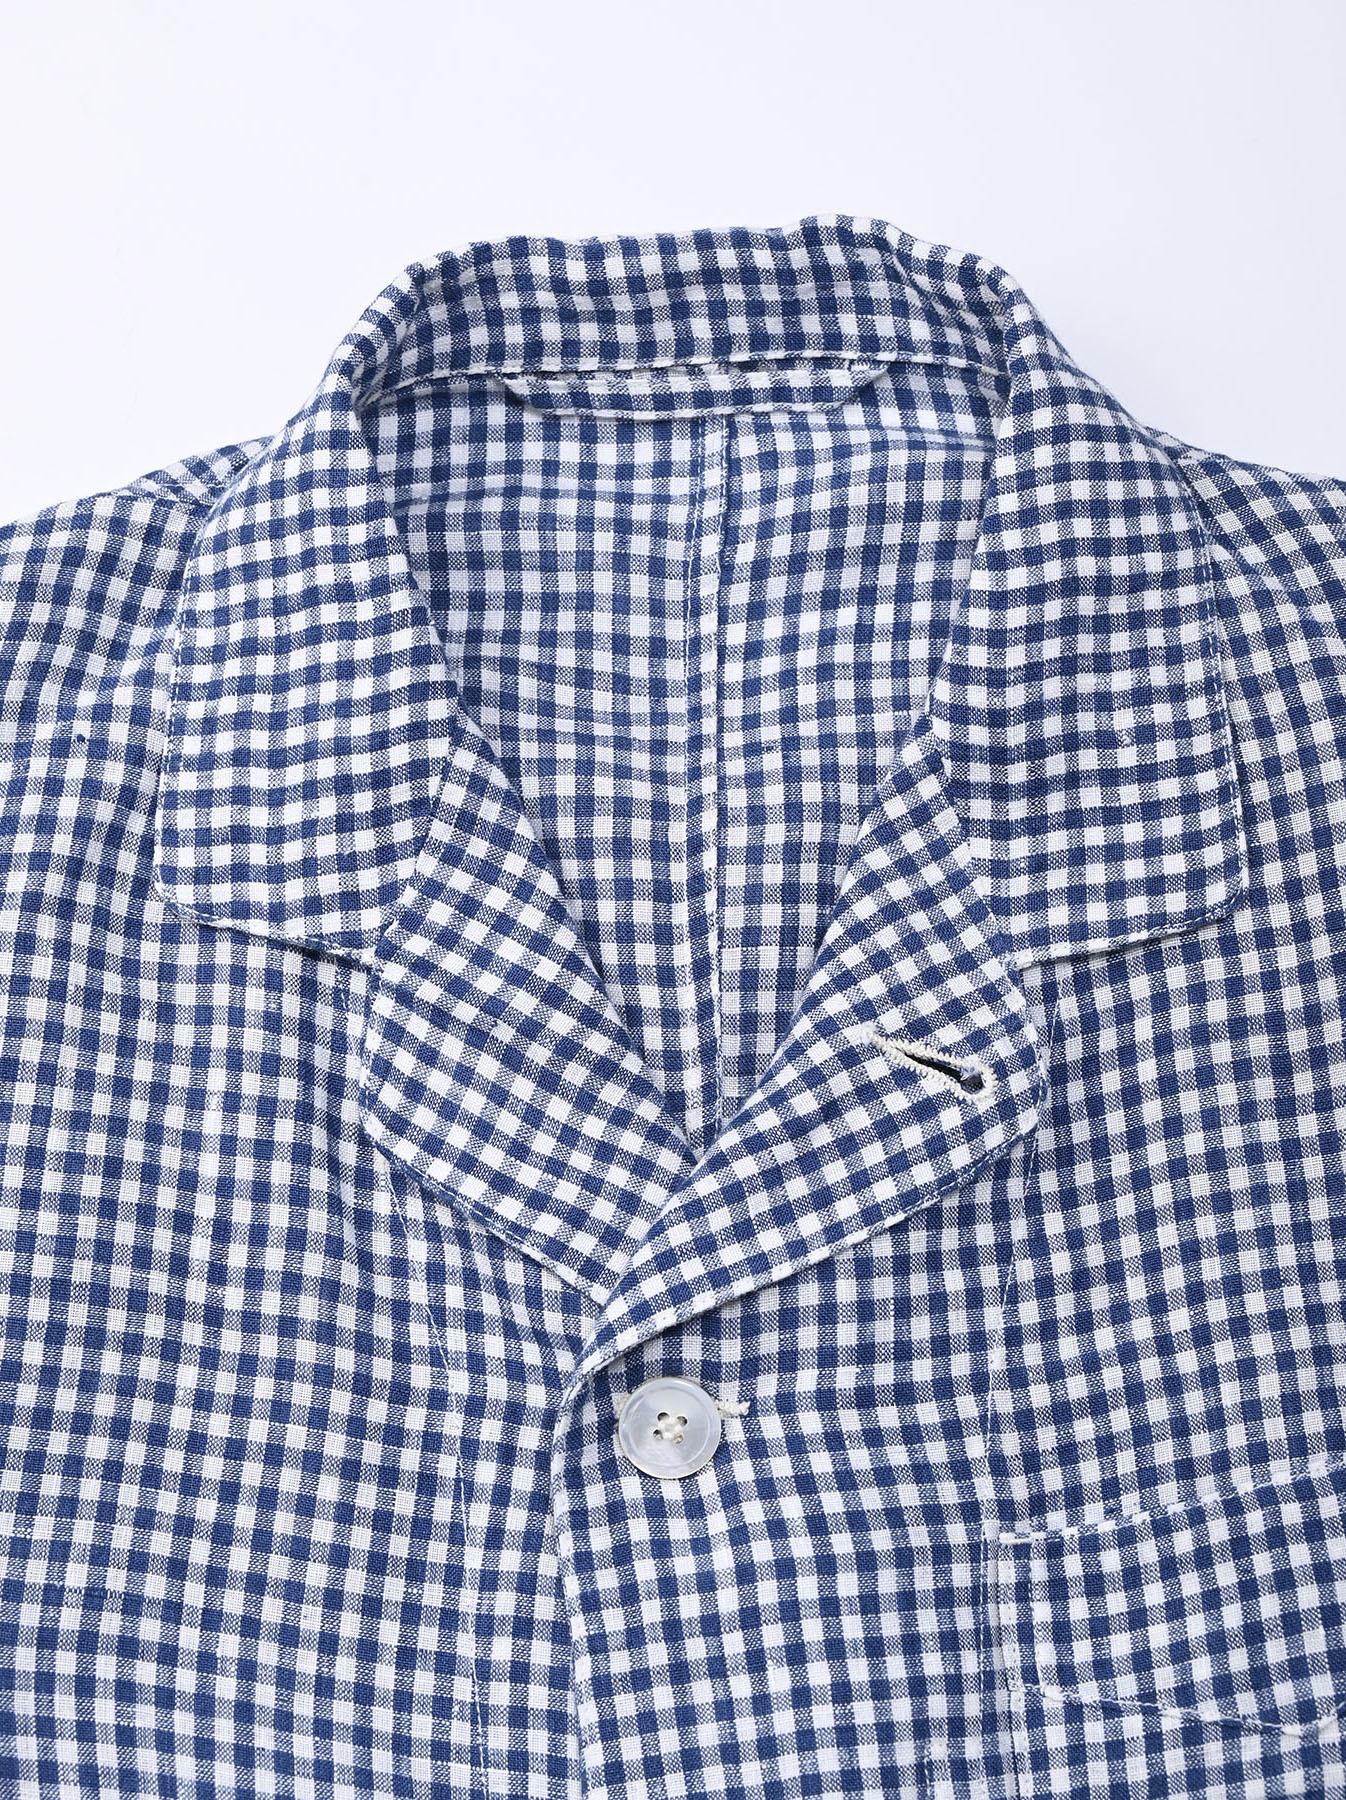 Indian Linen Flat Shirt Jacket (0521)-8